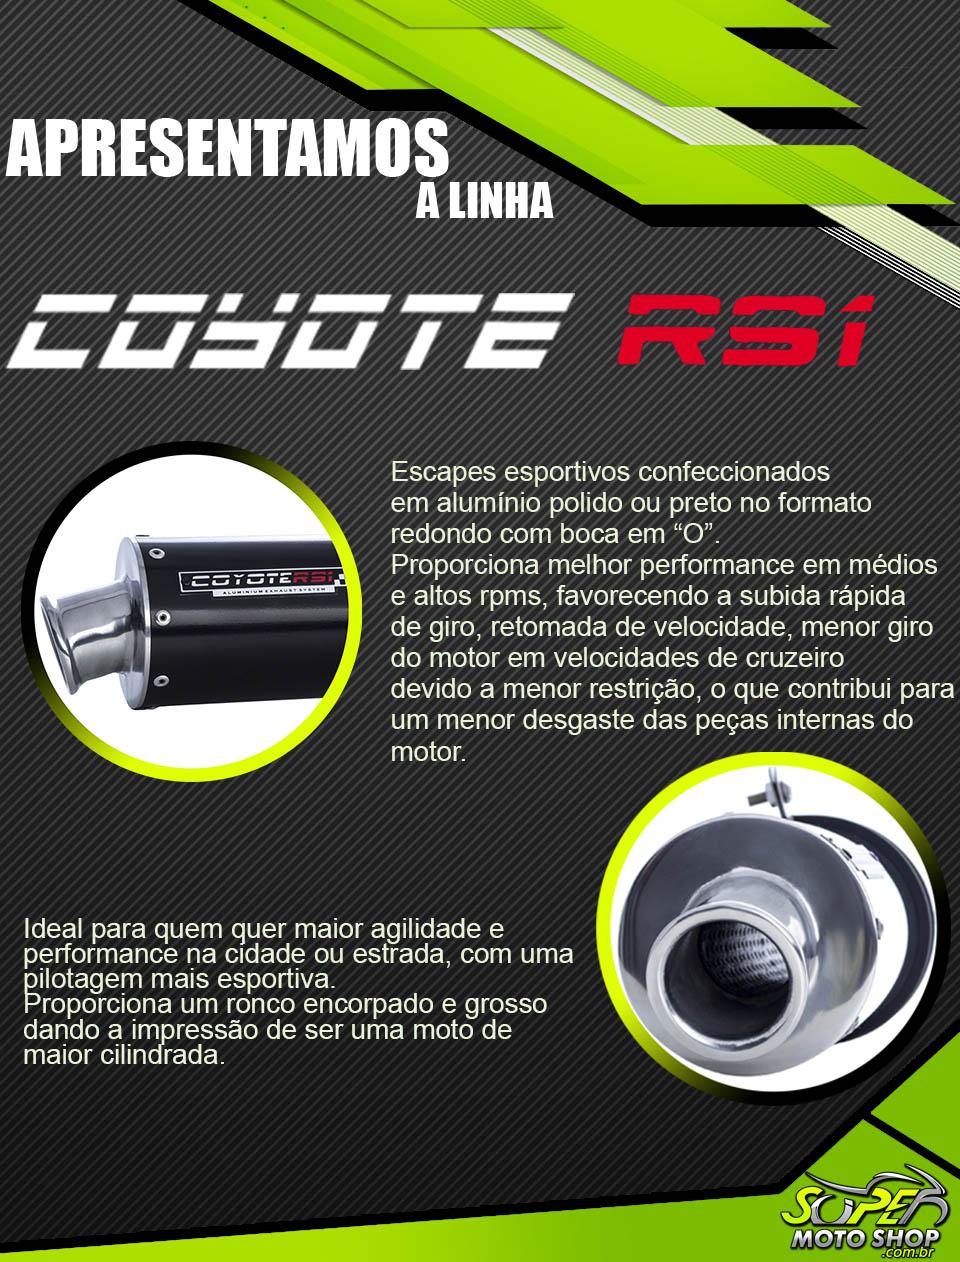 Escape / Ponteira Coyote RS1 Alumínio Redondo - CG 150 Titan / Fan ESDi / EX ano 2009 até 2013 - Honda